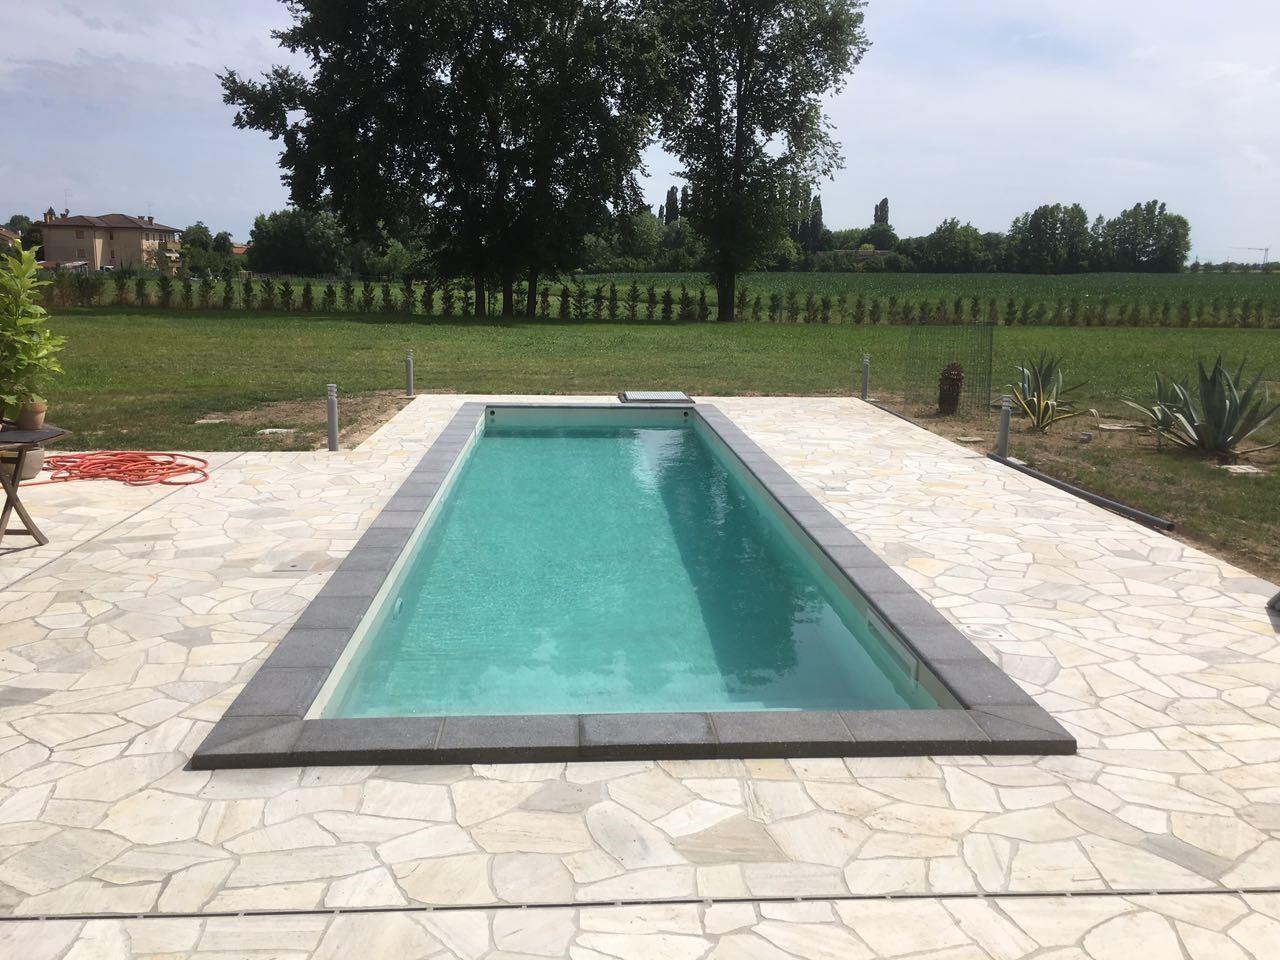 guarda come nasce una piscina nelle 8 immagini piscine